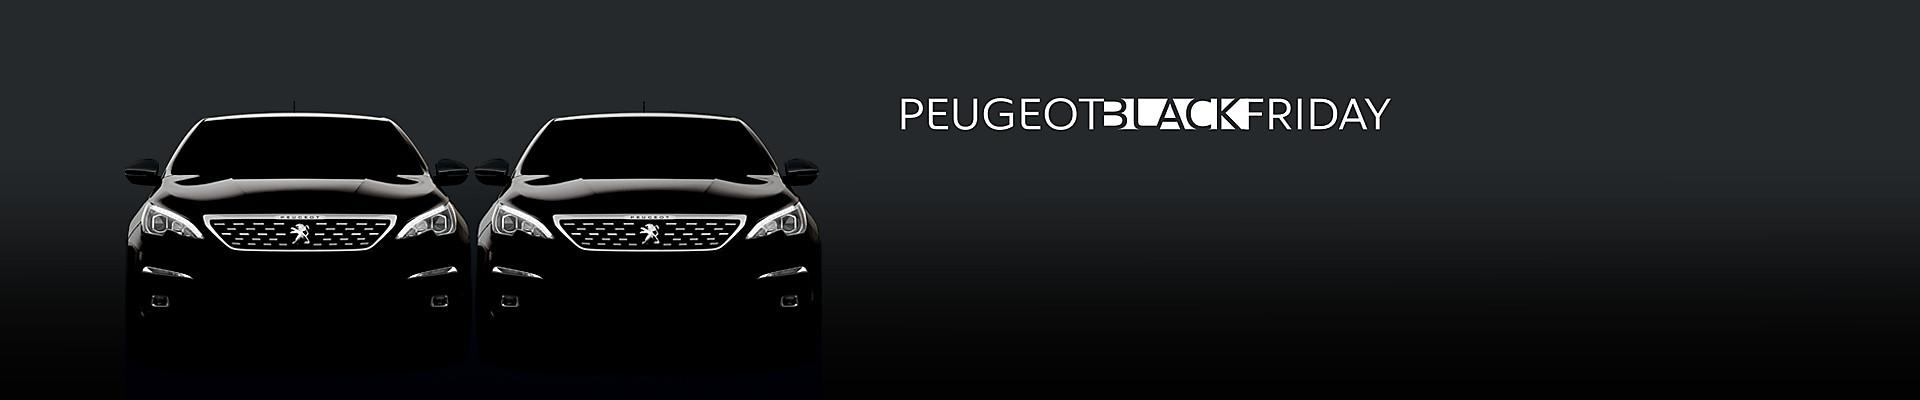 Peugeot Black Friday Event Large